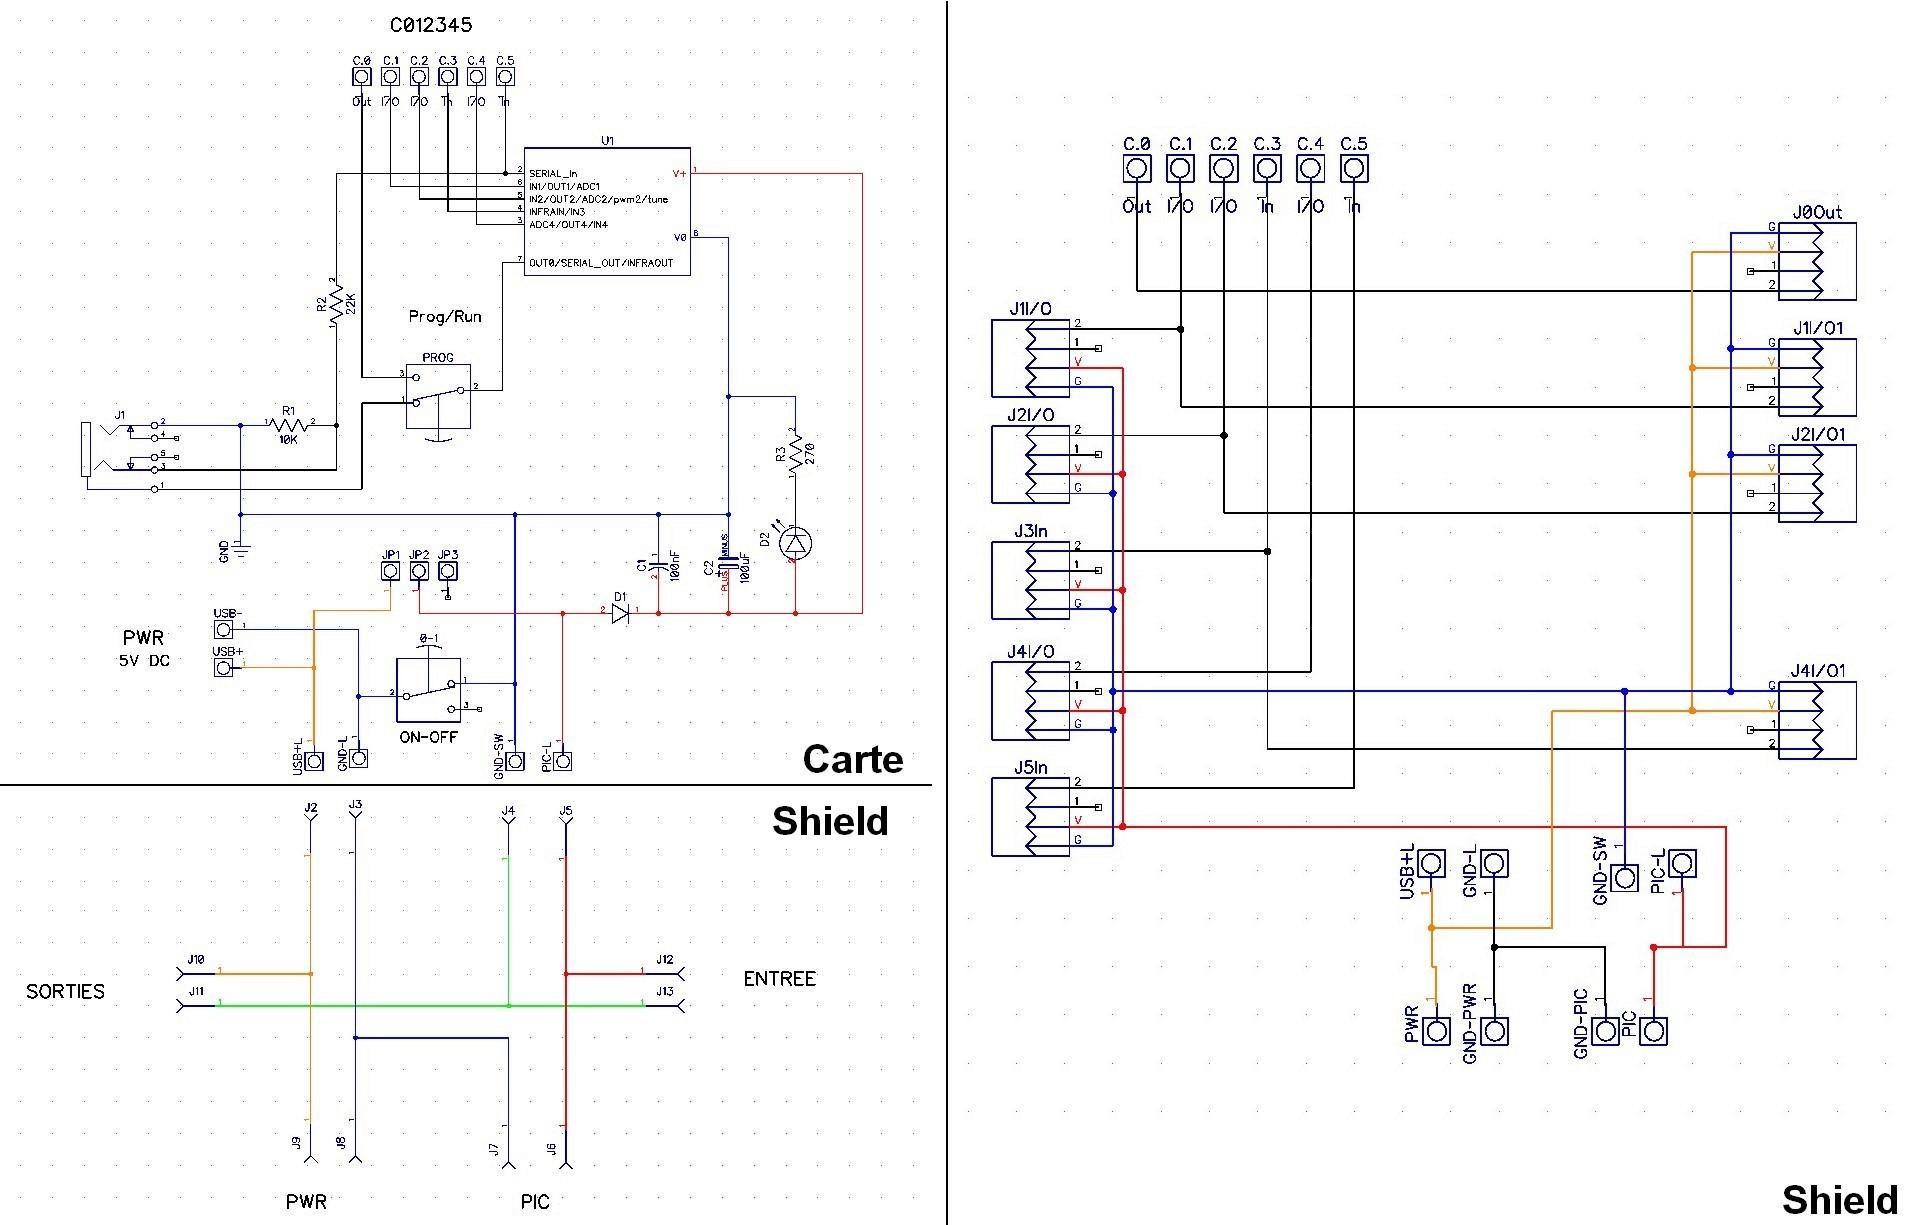 Prototype de carte 08M2 : (Encore) un problème (d